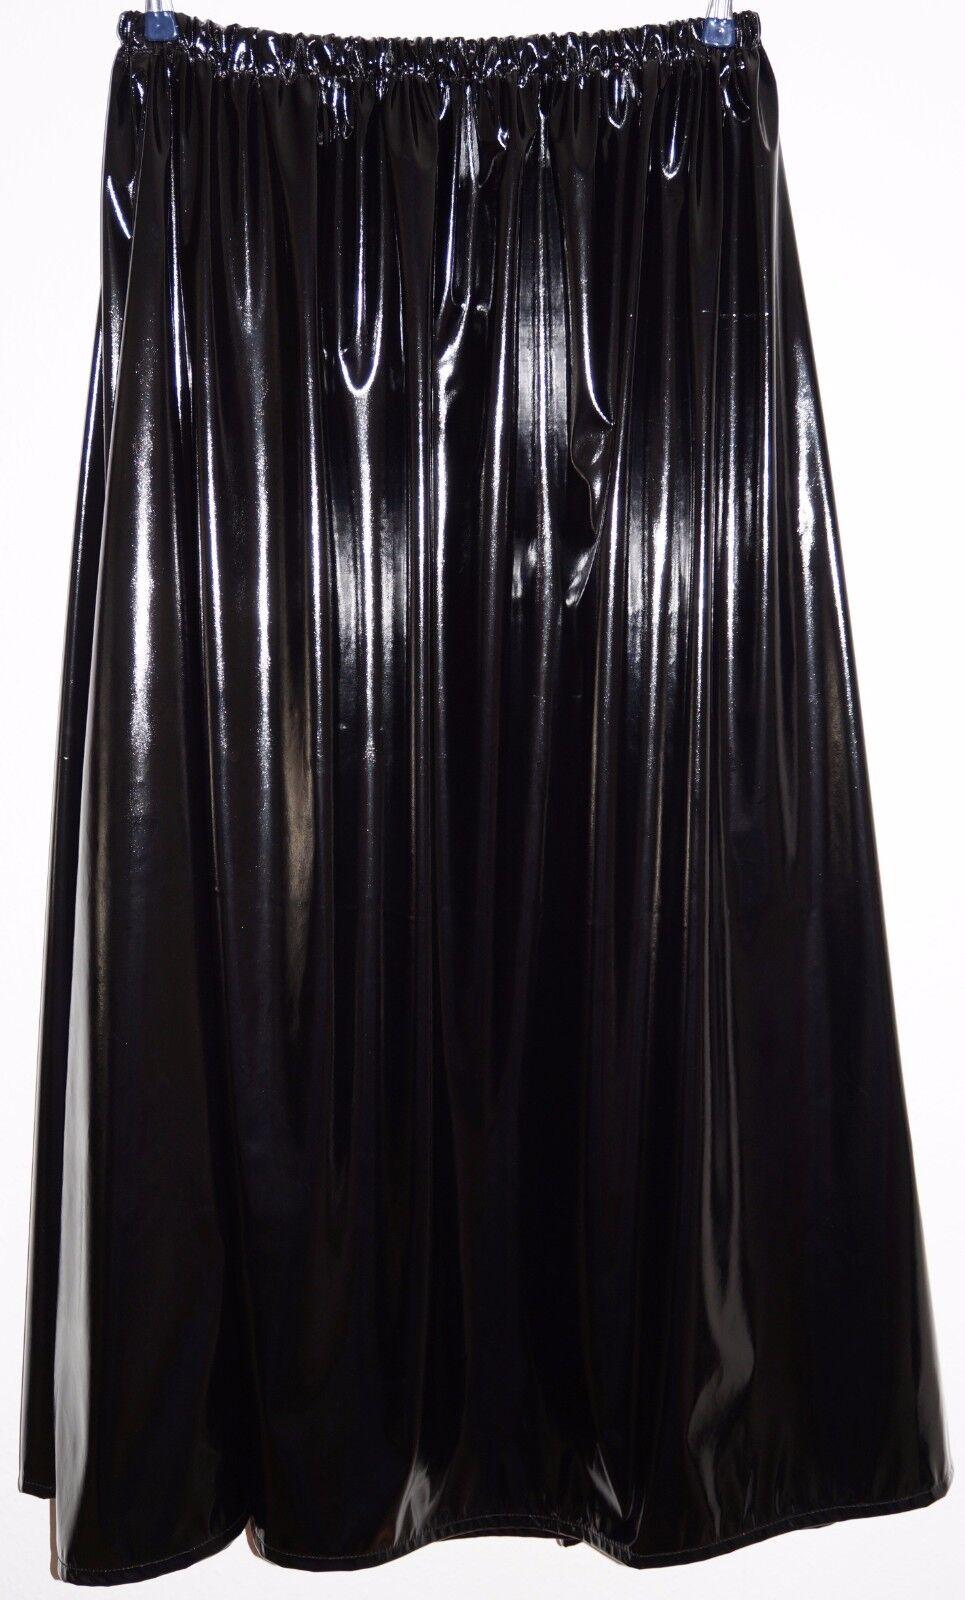 VERNICE-Rock VERNICE-Rock VERNICE-Rock lungo mis. 50 52 54 56 - PVC-skirt long US 2x, 3x, 4x 09e43b